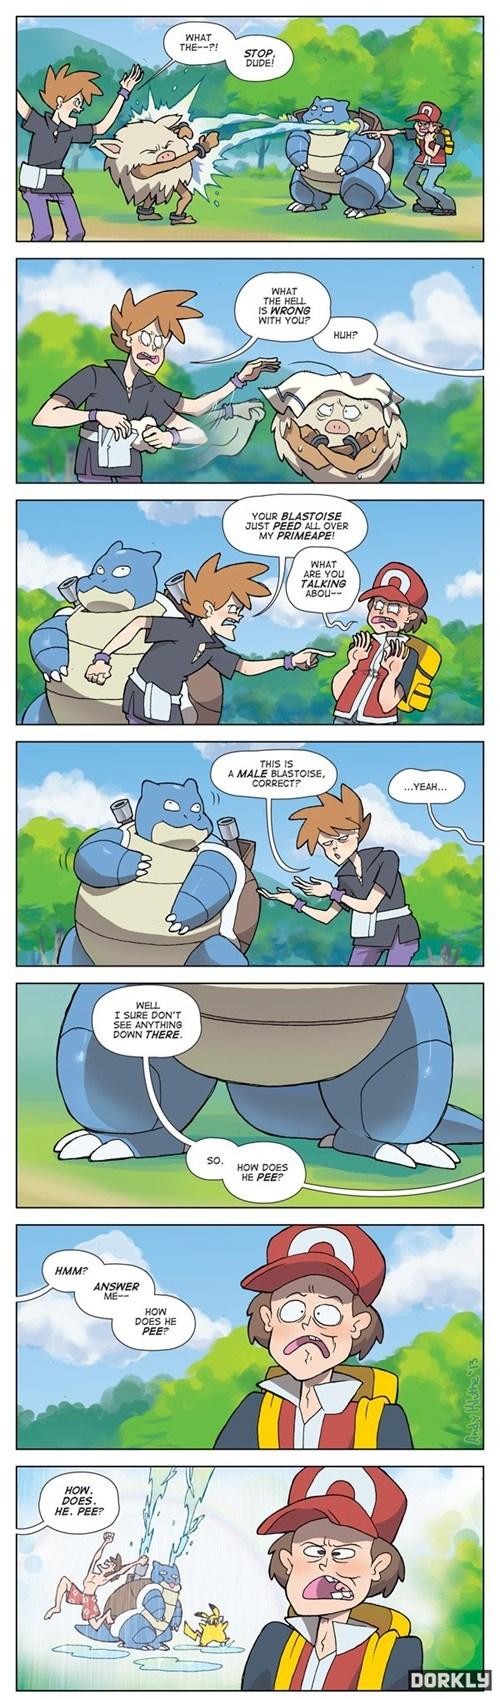 Pokémon dorkly blastoise comics - 7346095616